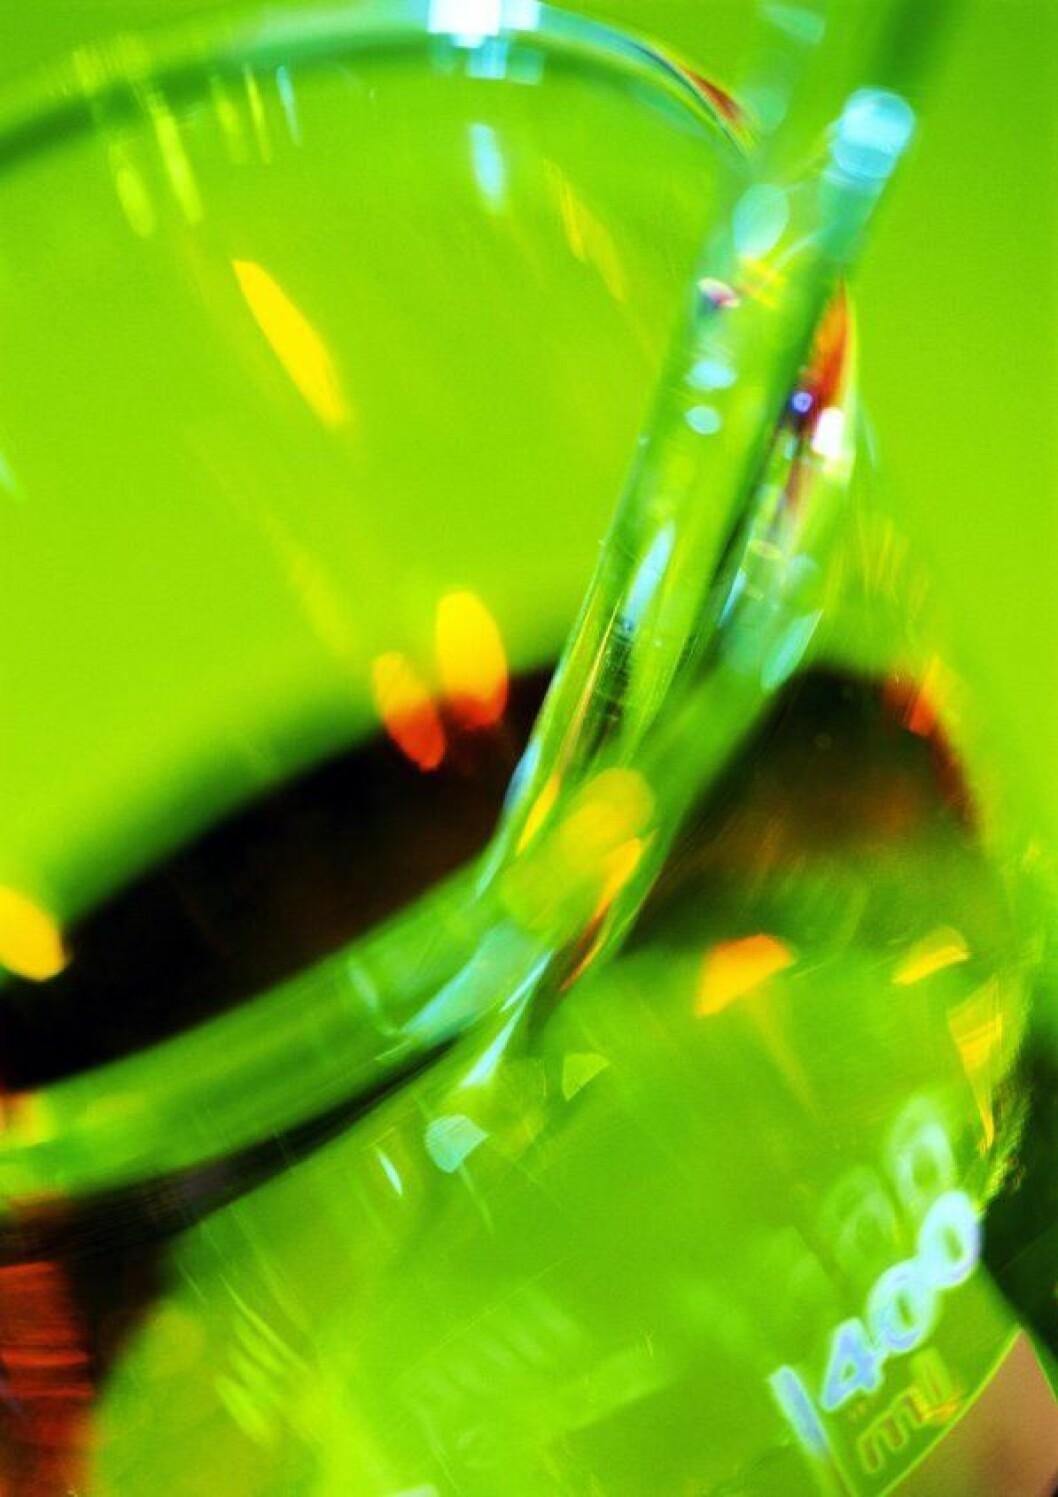 kjemi_grønn_colourbox